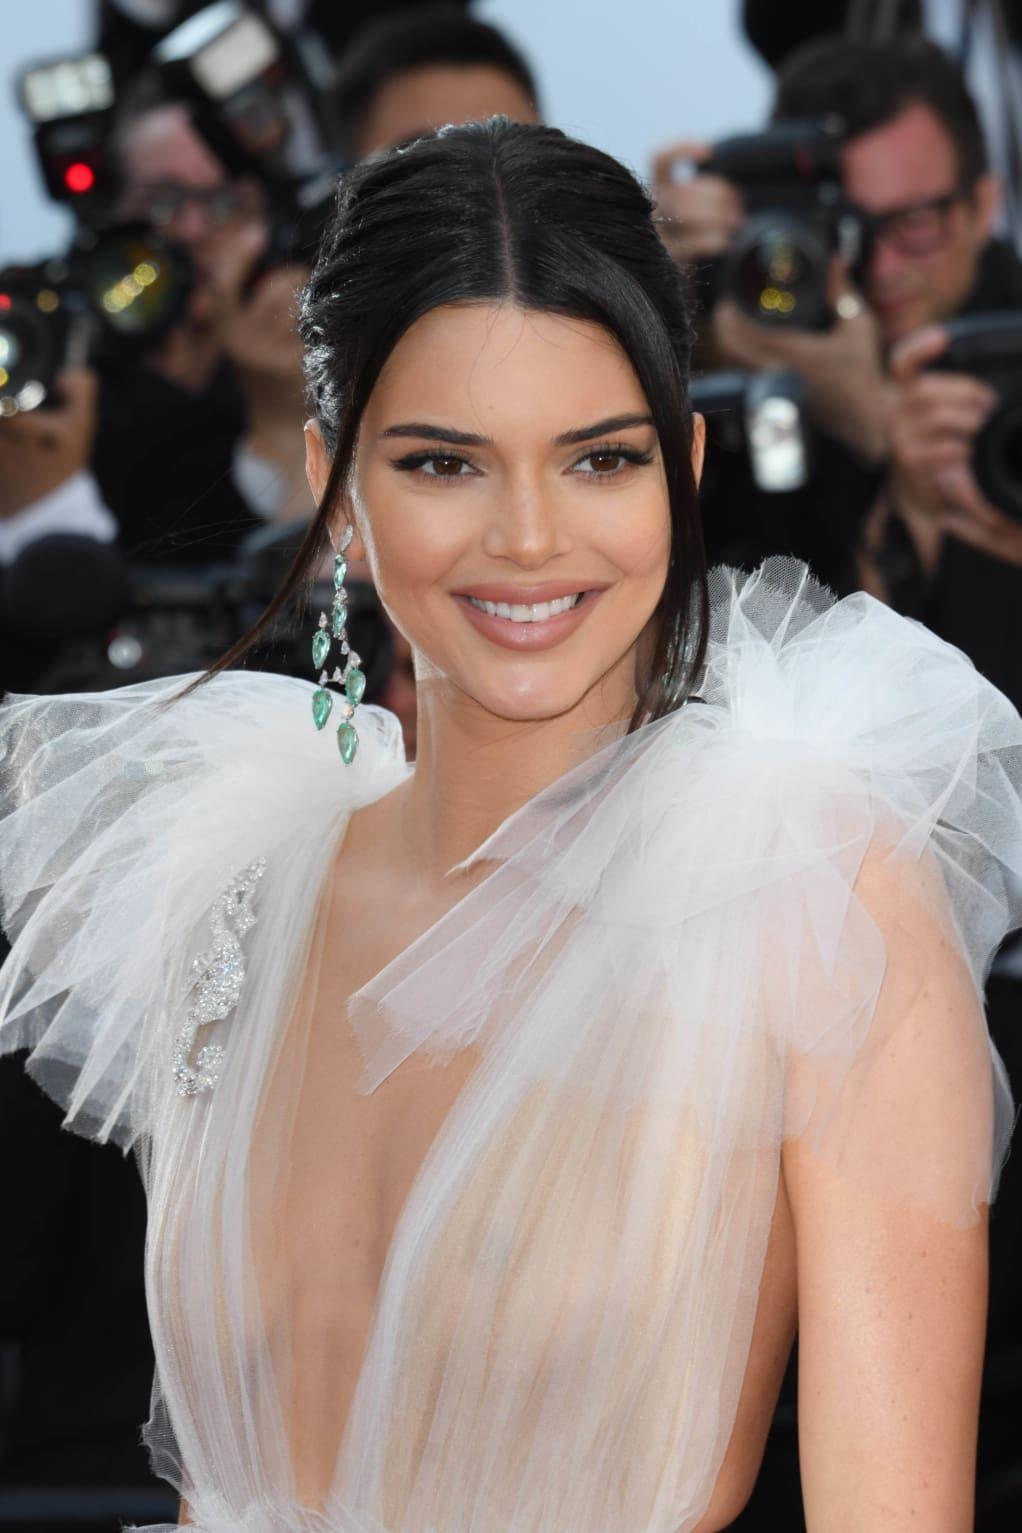 Festival de Cannes 2018: les meilleurs looks peau, cheveux et maquillage sur le tapis rouge   – WhoRunTheWorld♀️